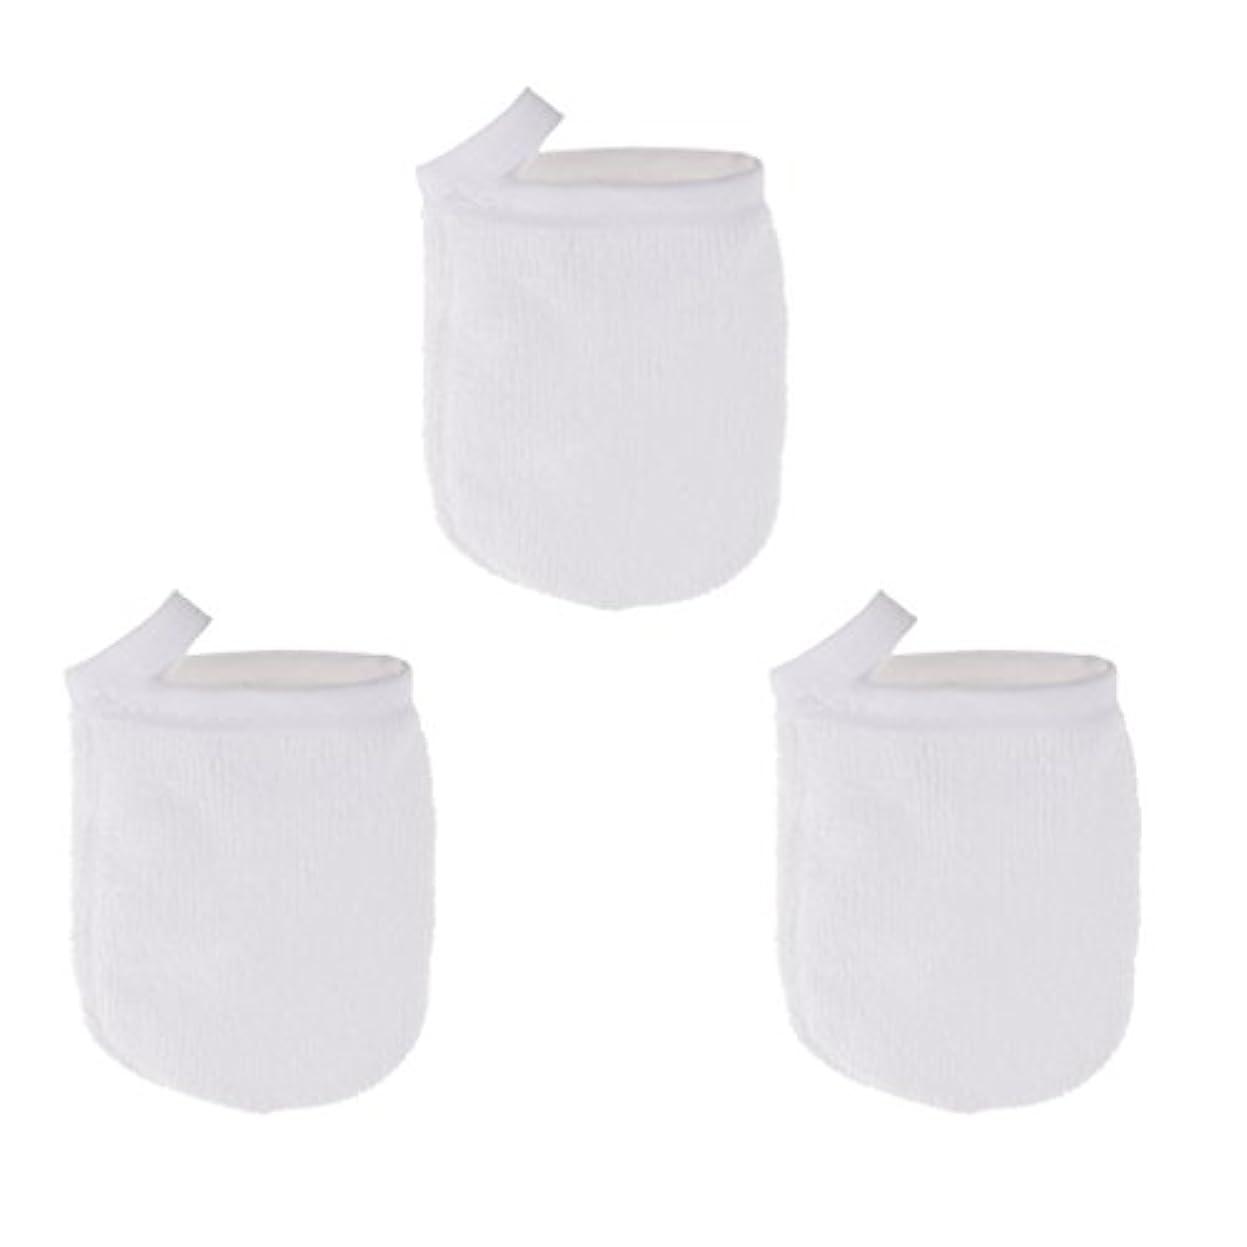 軽くペグ新鮮なToygogo 洗顔グローブ 手袋 ソフト フェイスクレンジンググローブ メイクリムーバー スキンケア 3個